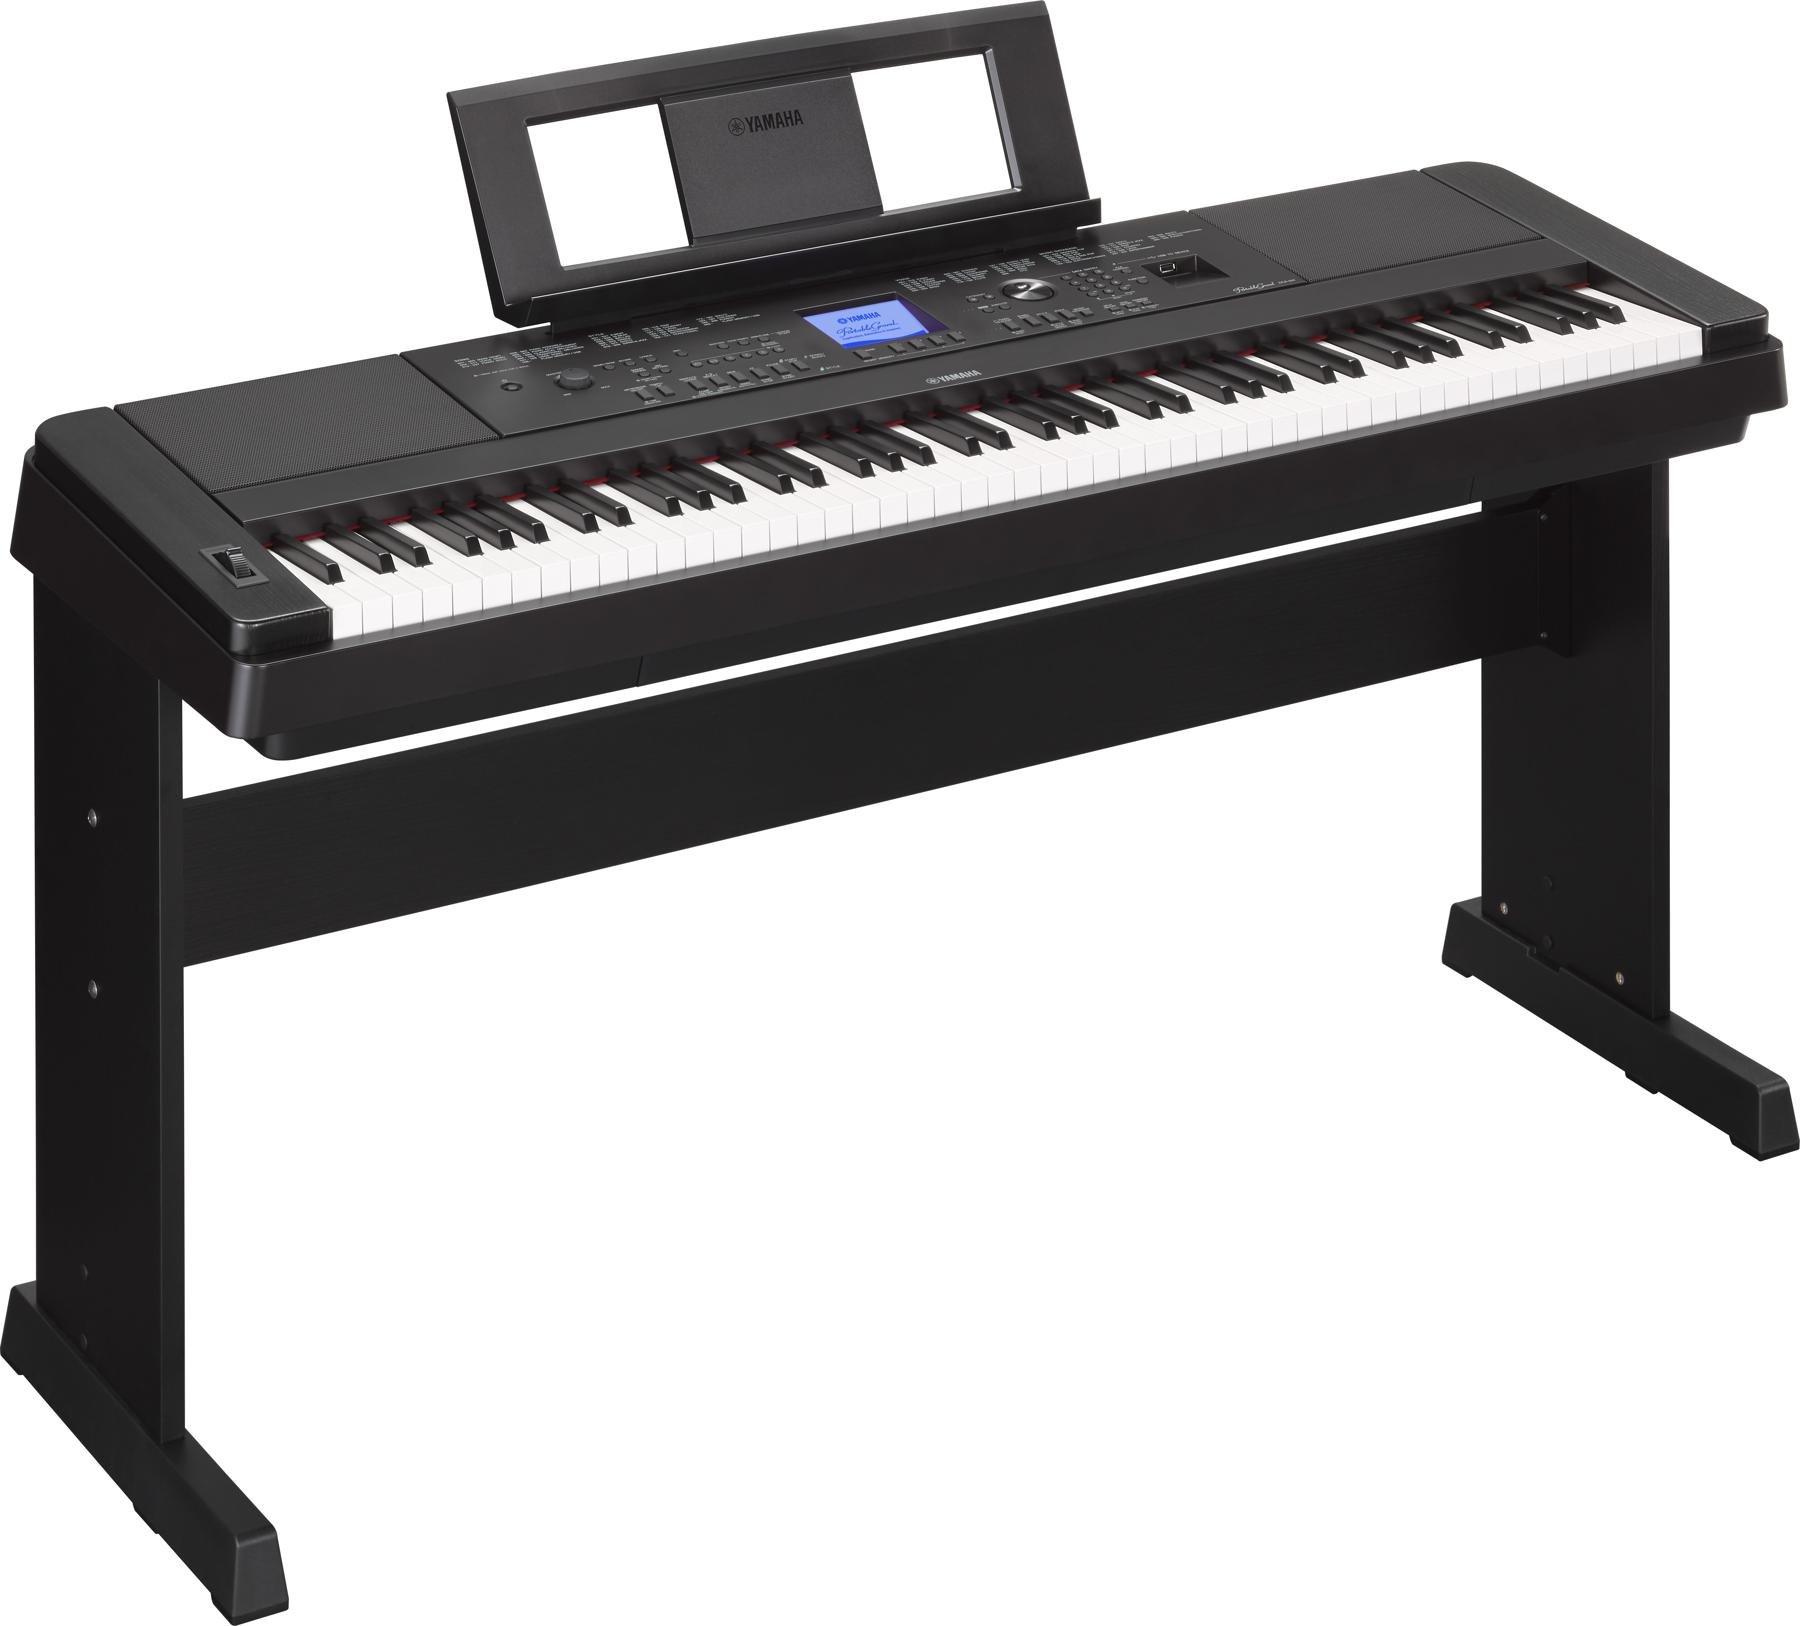 USB cable for Yamaha DIGITAL PIANO DGX-660